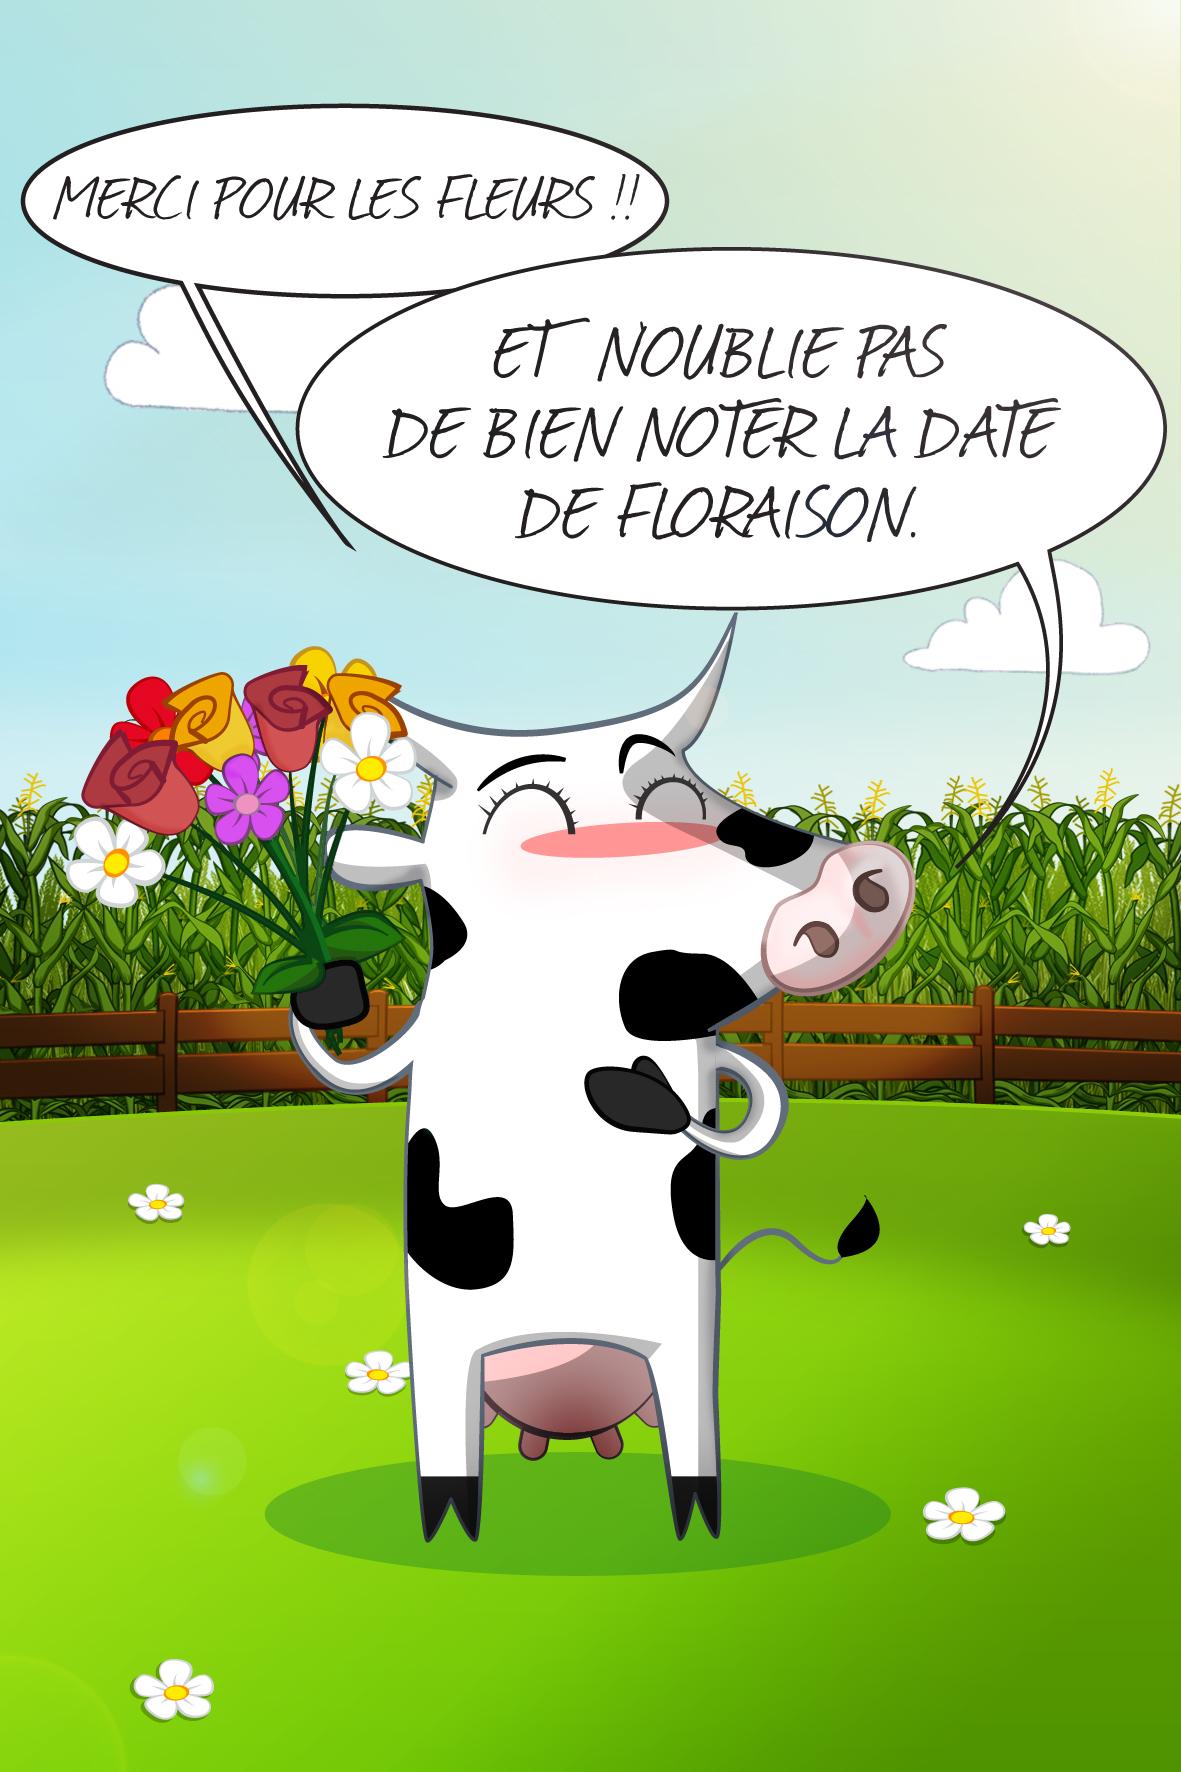 vache_3e